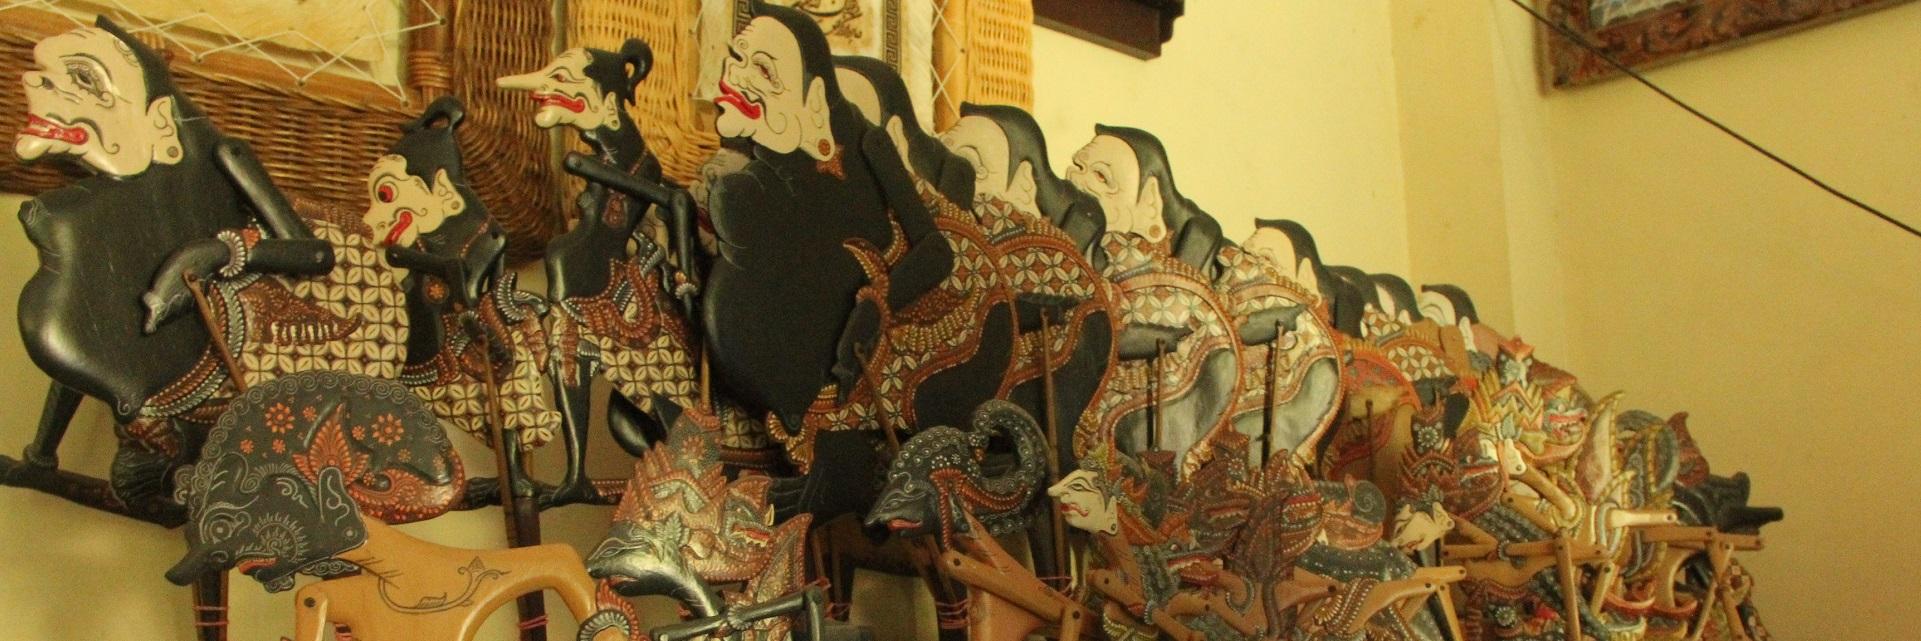 Mau Belanja di Yogyakarta? Yuk ke 7 Kawasan Wisata dan Kerajinan Ini